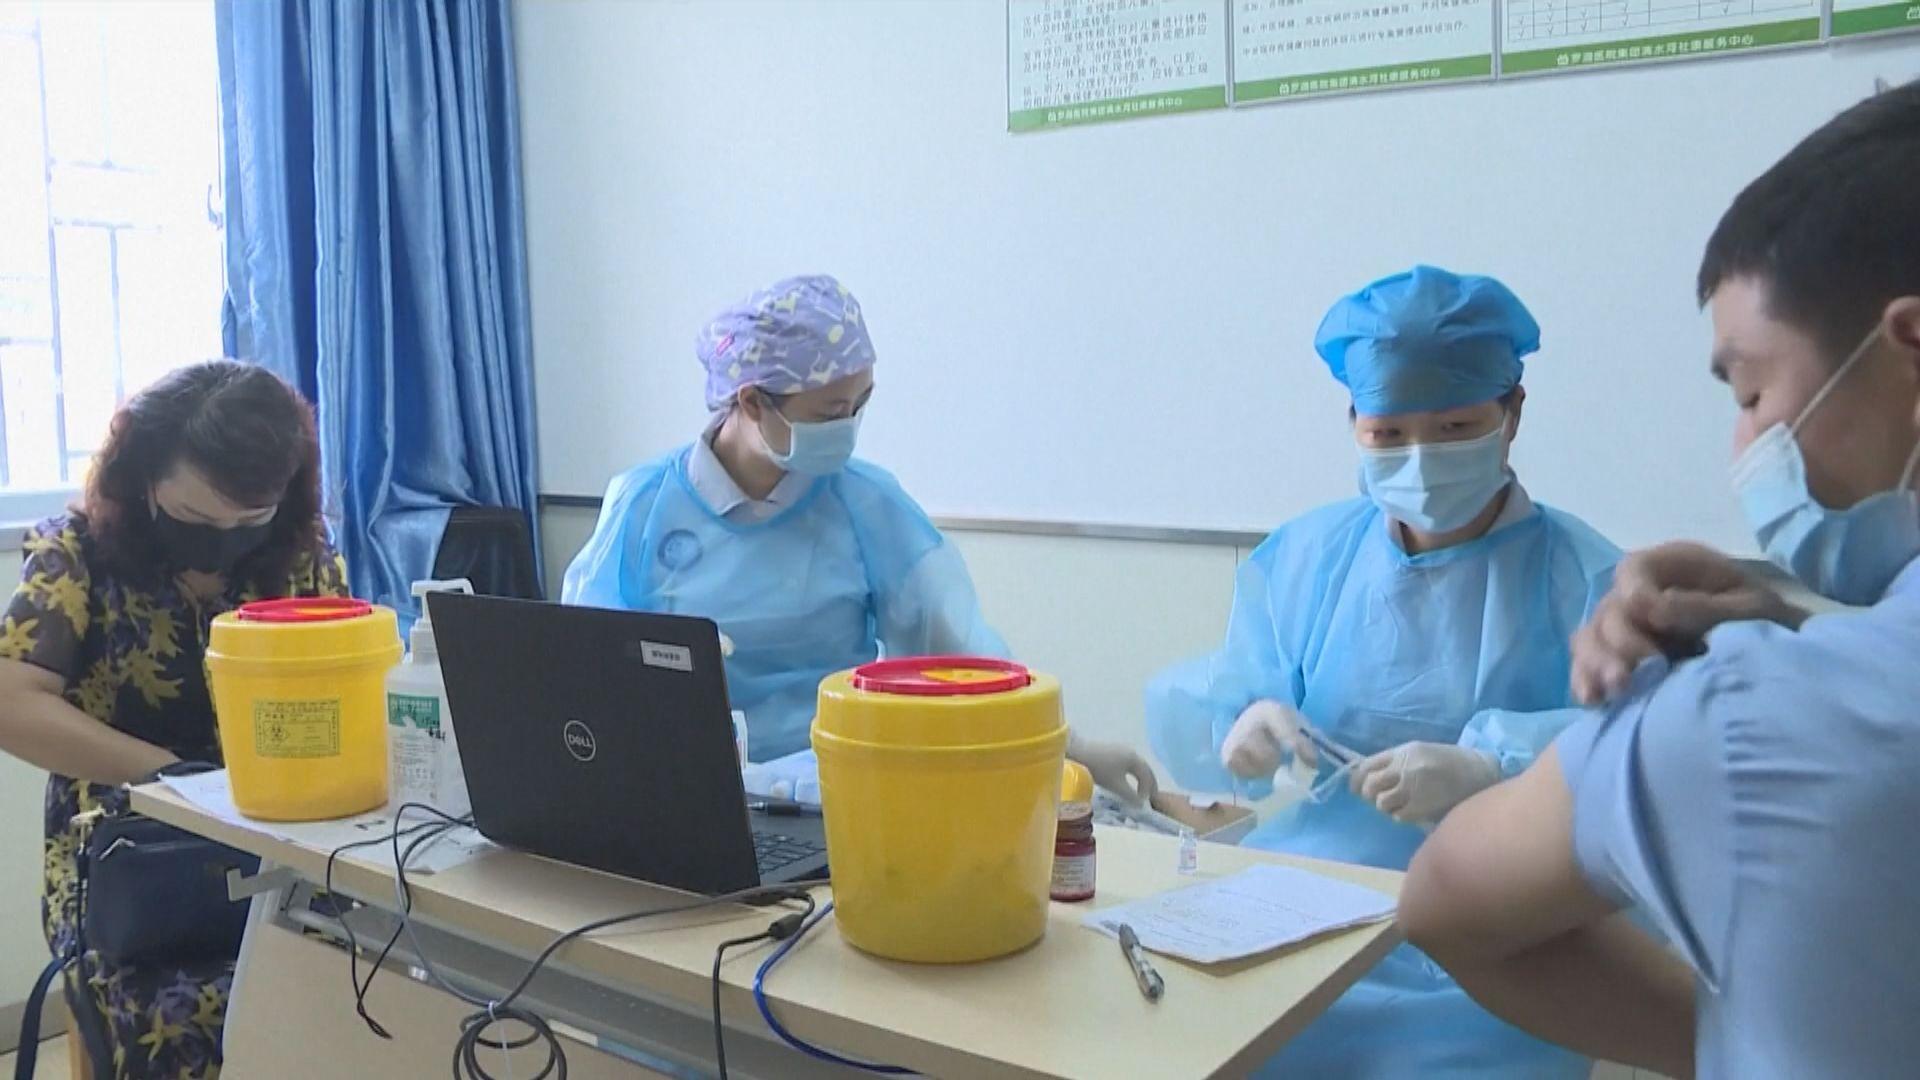 廣州增20宗確診 4患者接種過第一劑新冠疫苗